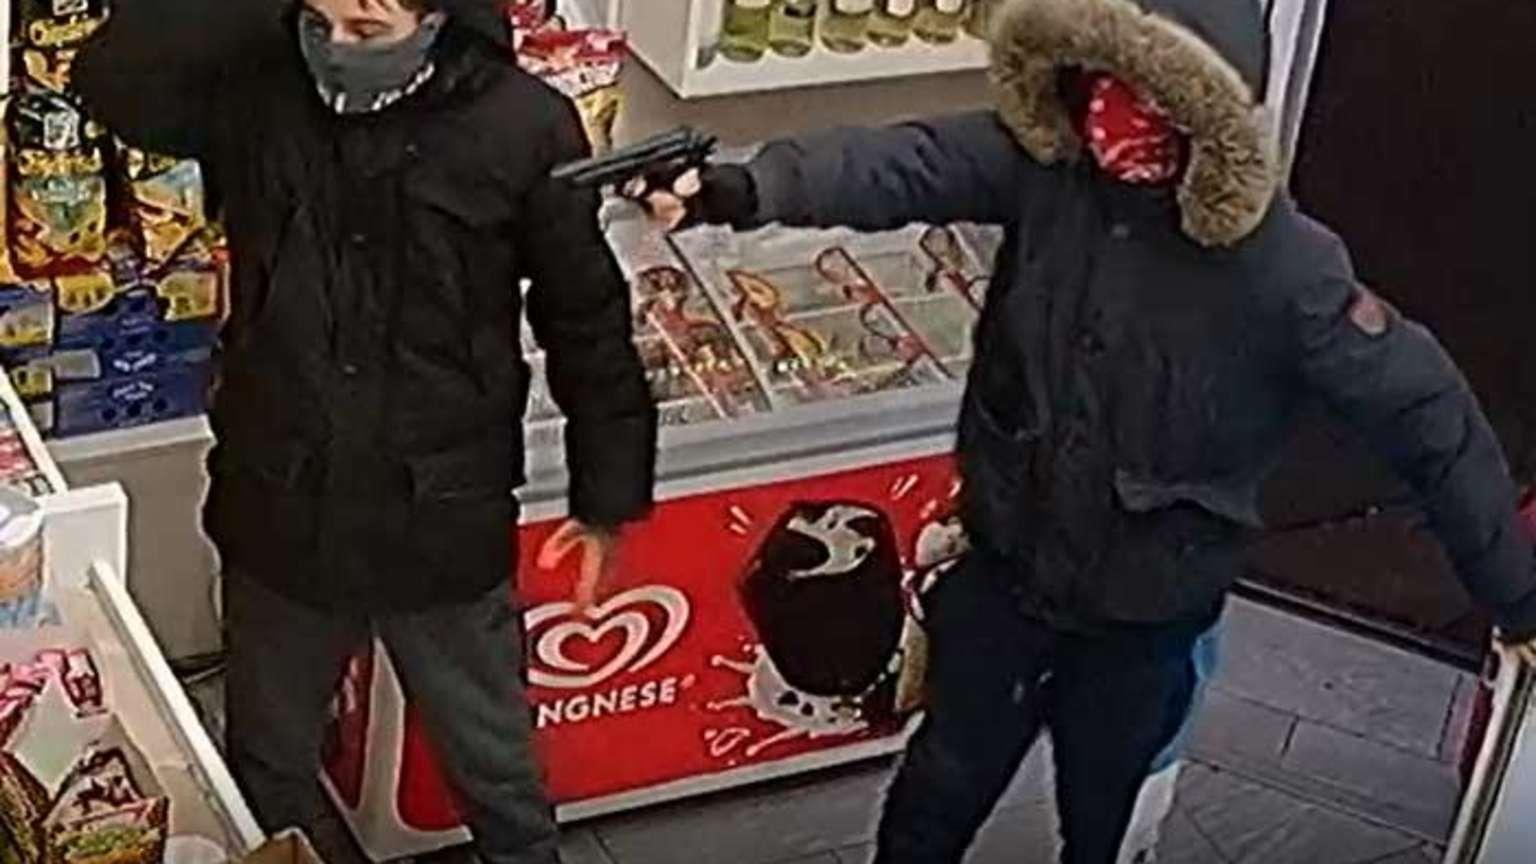 Frankfurt: Fahndung nach Überfall auf Kiosk - Die Polizei